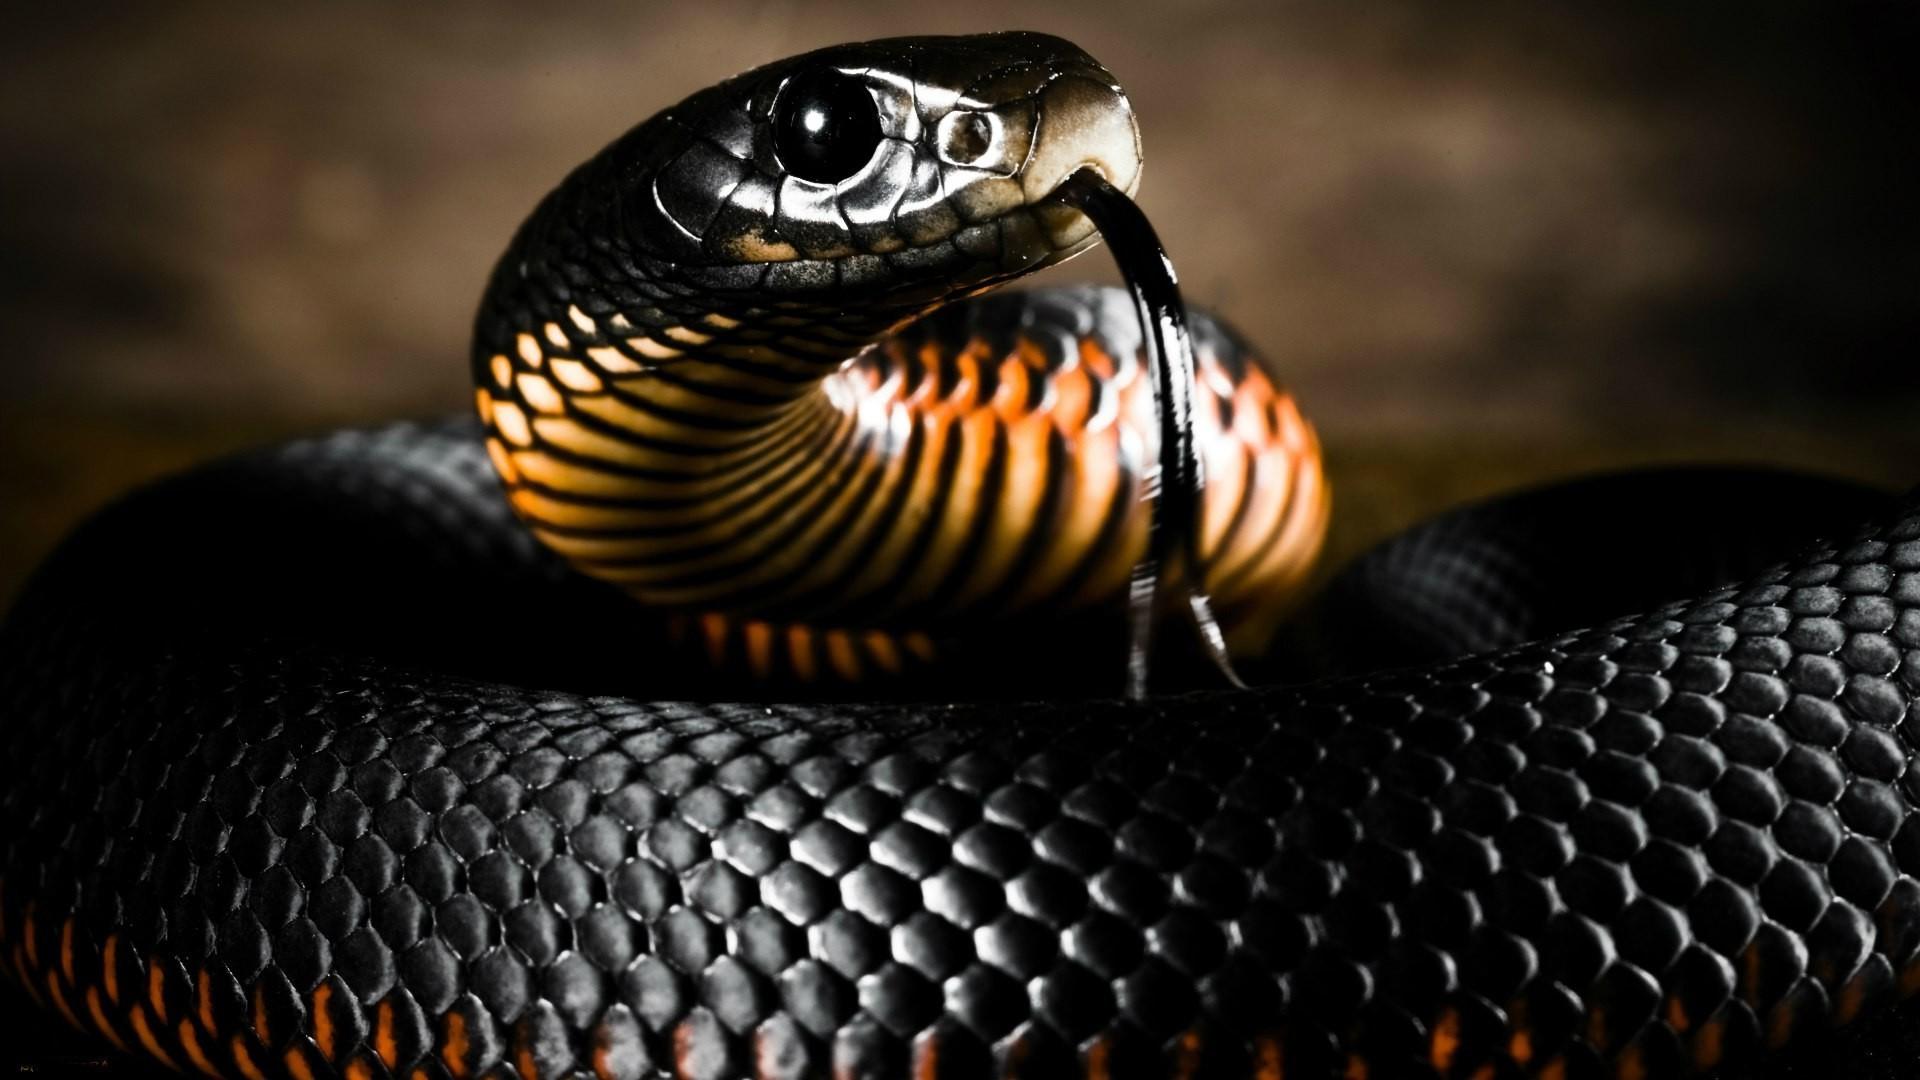 них не боа из эфа что ужвий мамба змея